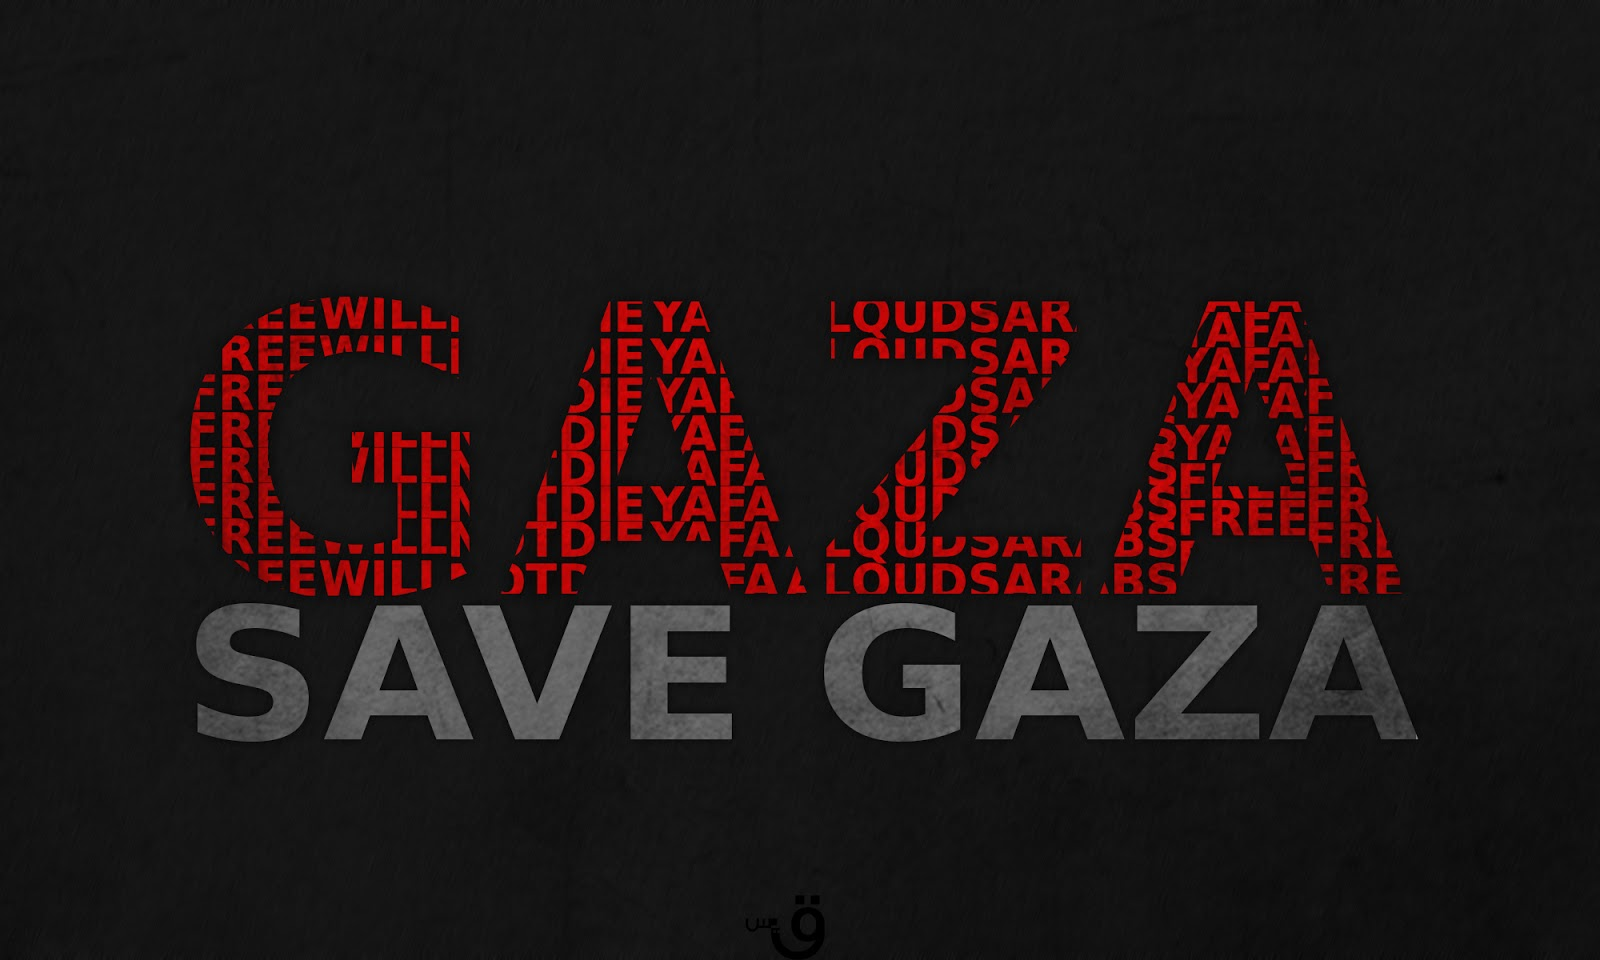 http://1.bp.blogspot.com/-z28S8Yvmioc/UNnurgqZ6jI/AAAAAAAAGSA/lHIVUXE0HTg/s1600/save_gaza_by_kais_burwais-d5lhbh0.jpg